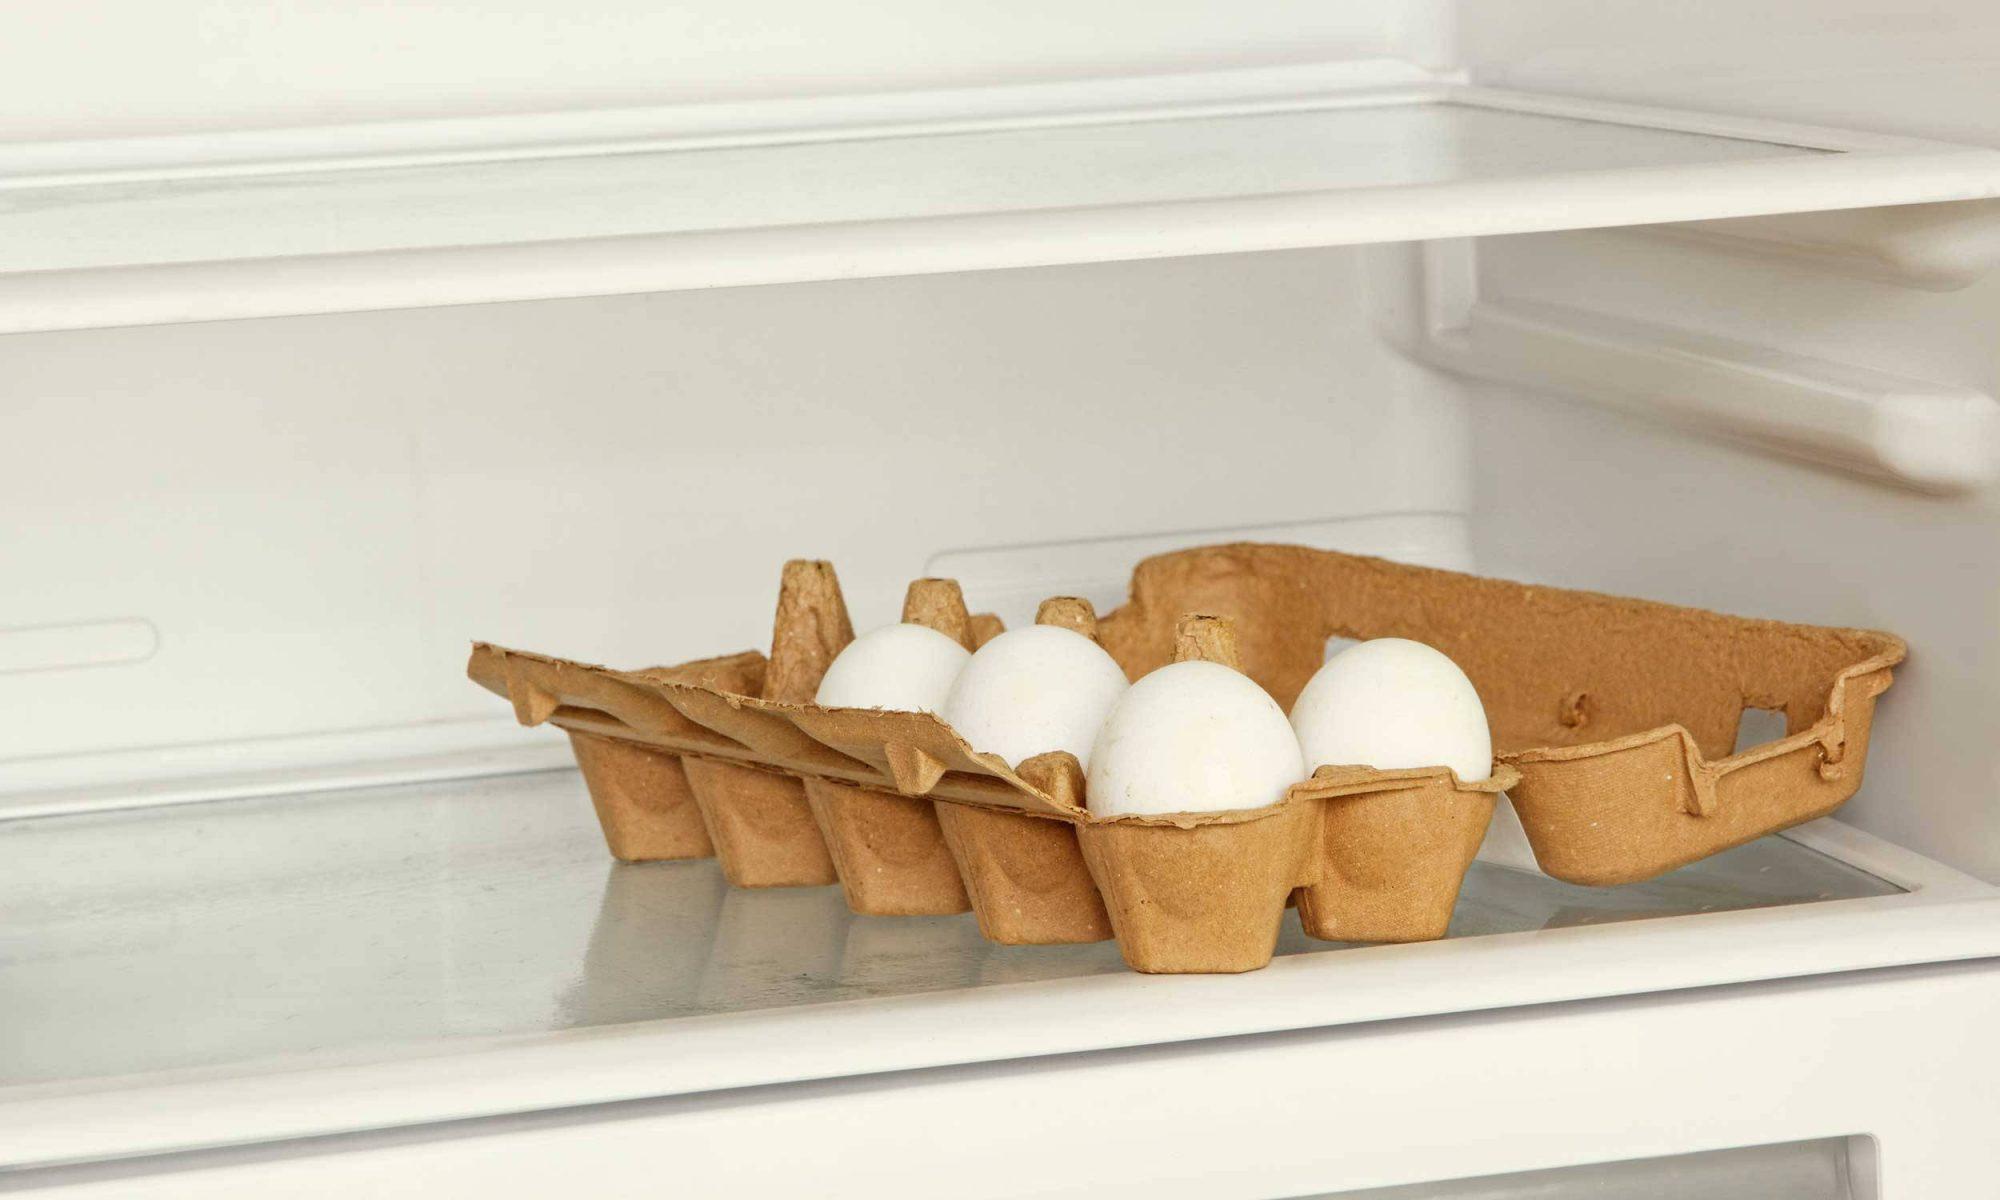 How Long Do Eggs Last in Your Fridge?